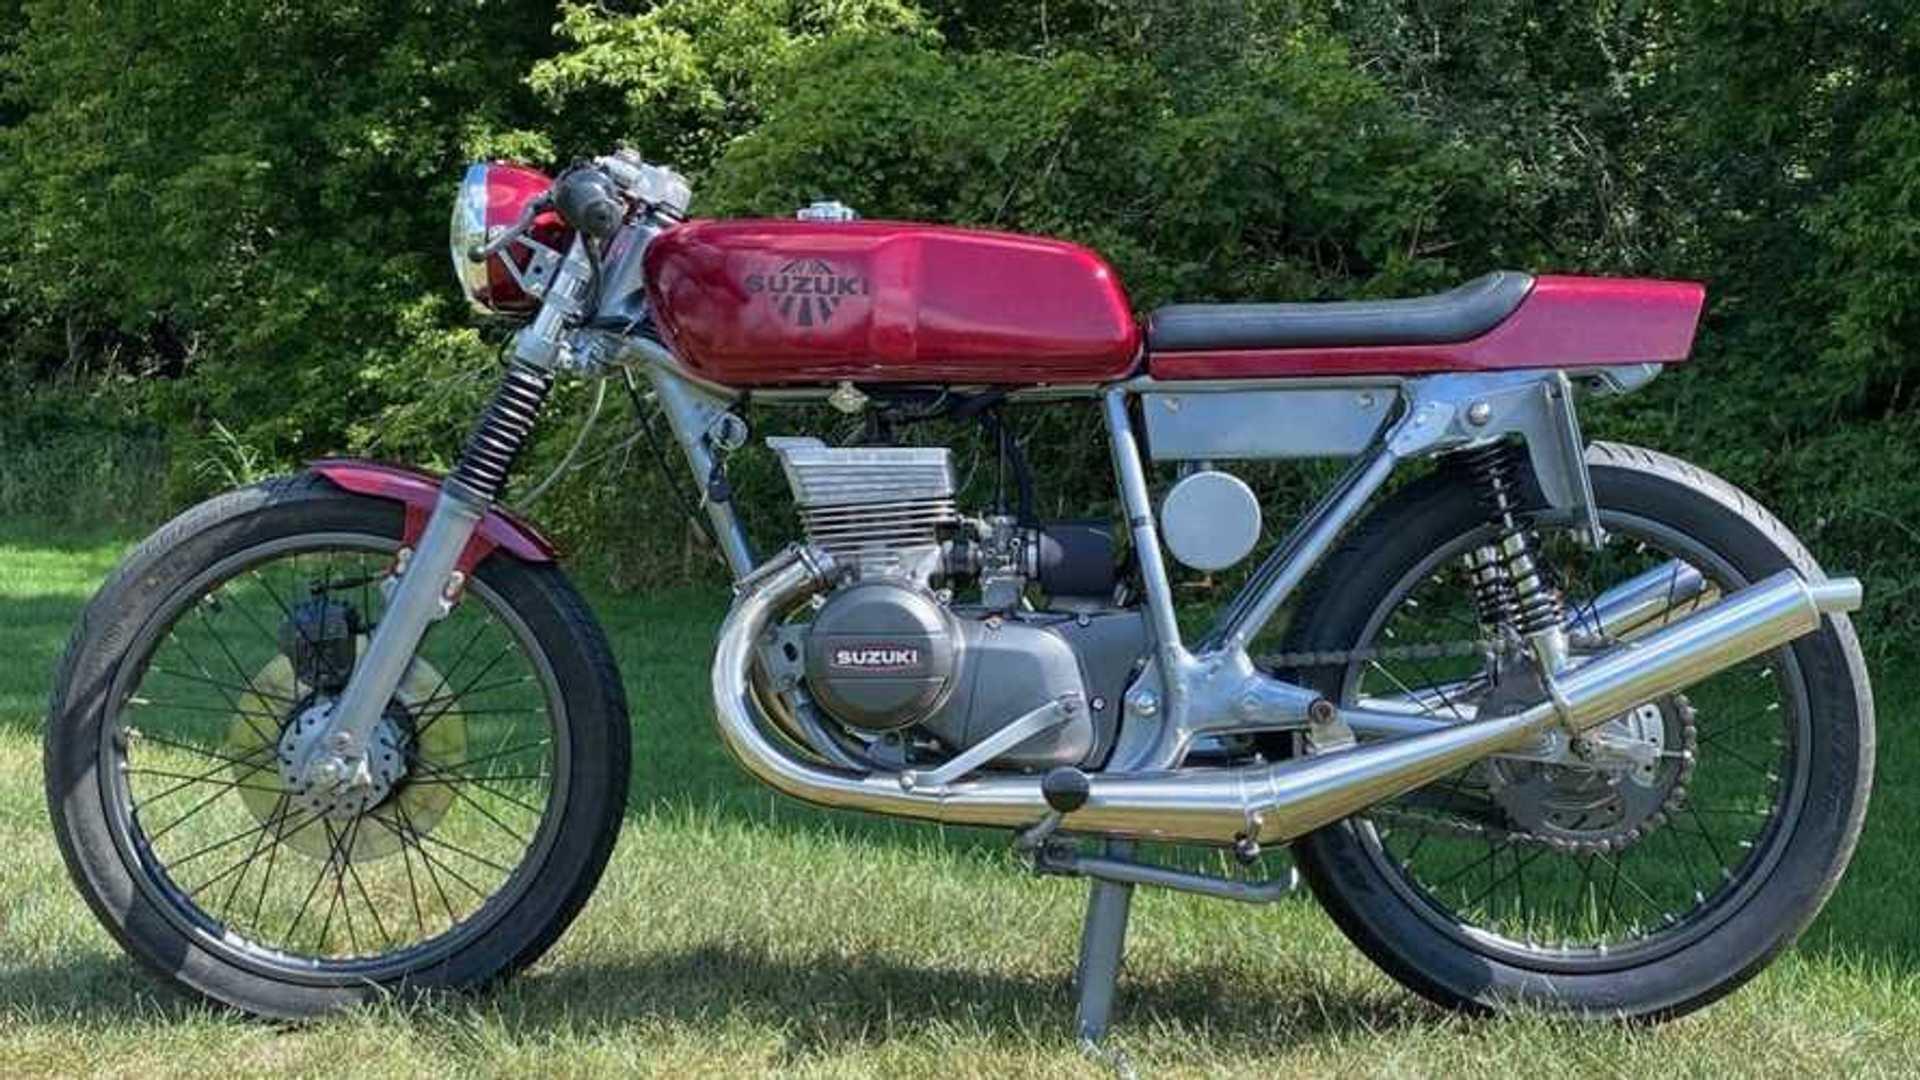 Suzuki GT185 Full Engine Replacement Gasket Set